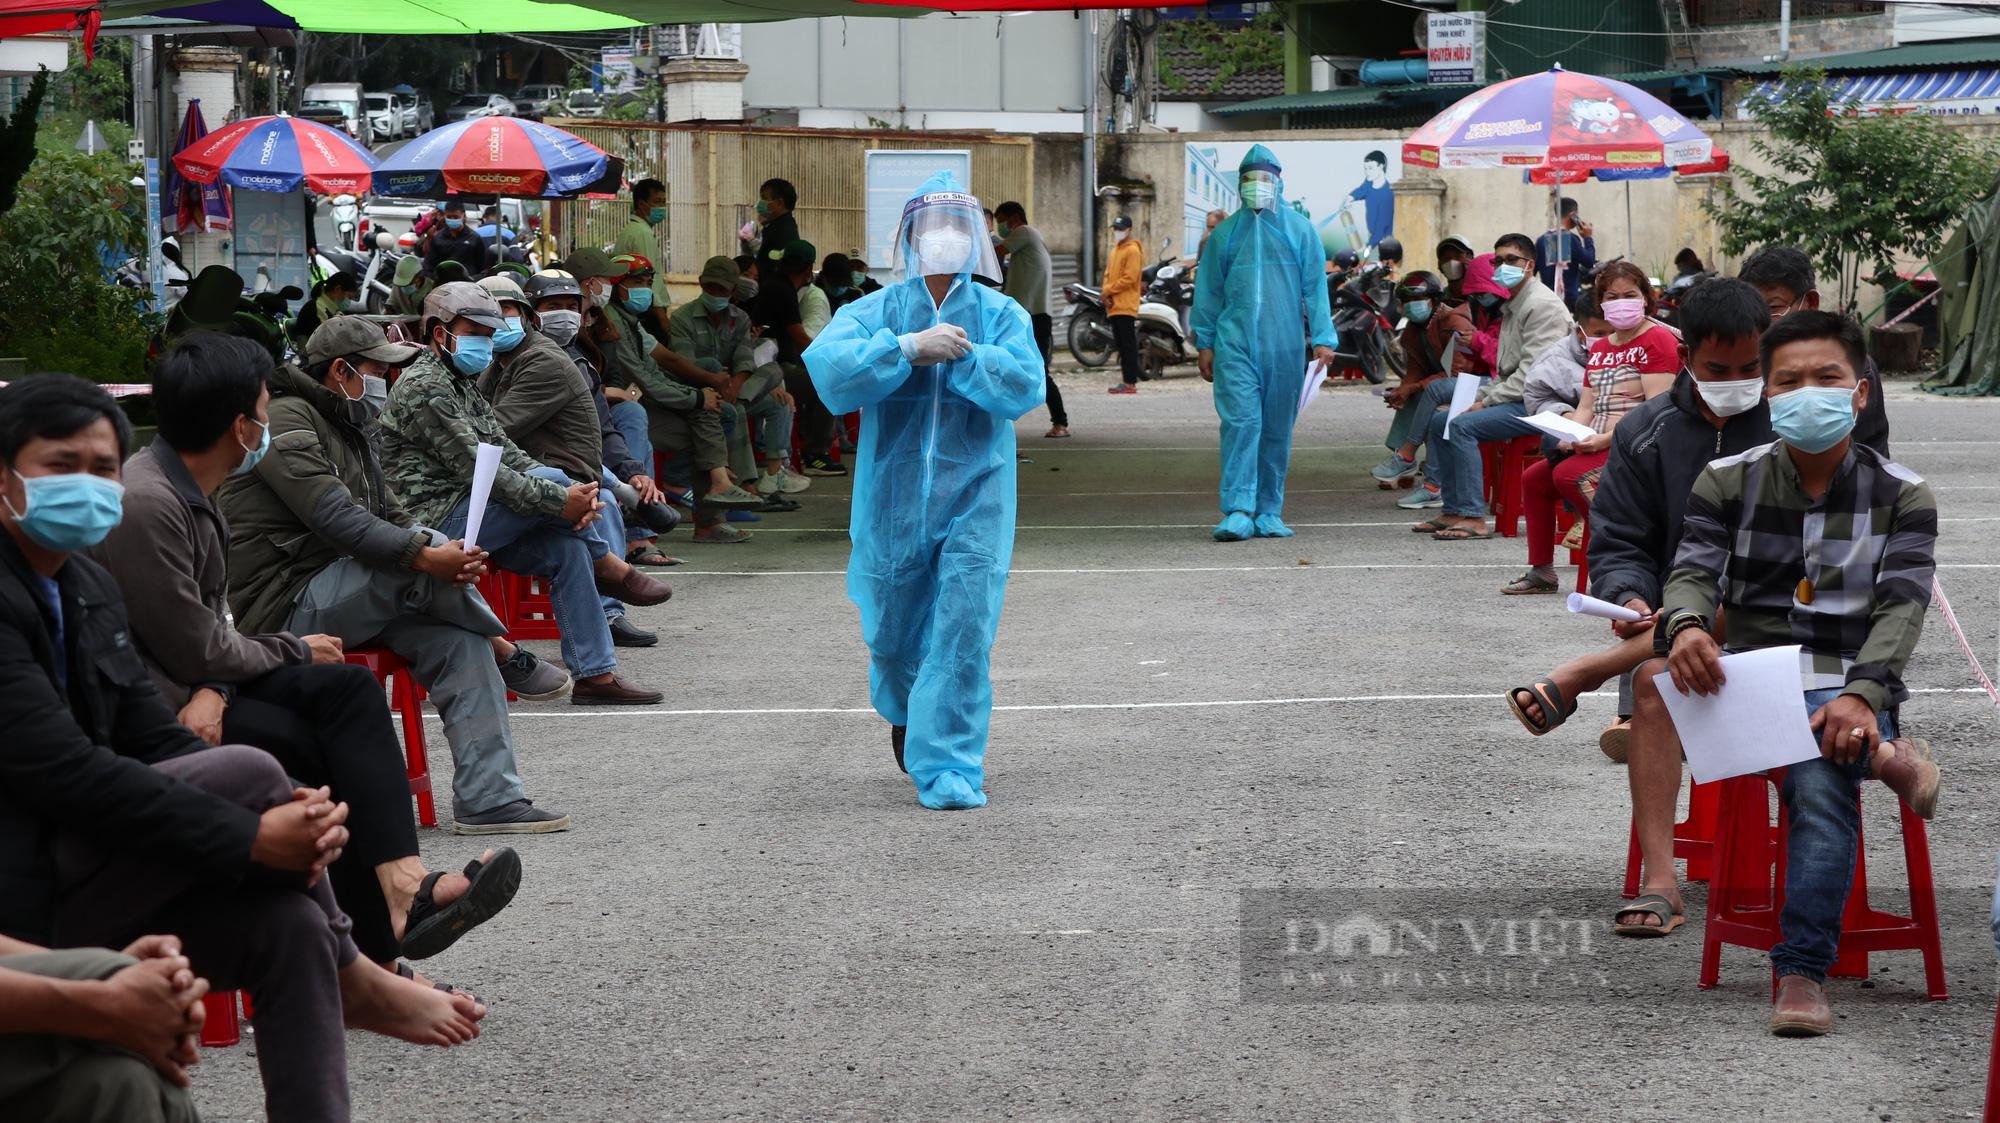 Tạm đình chỉ công tác chủ tịch phường Lộc Sơn do thiếu trách nhiệm trong phòng chống Covid-19  - Ảnh 1.